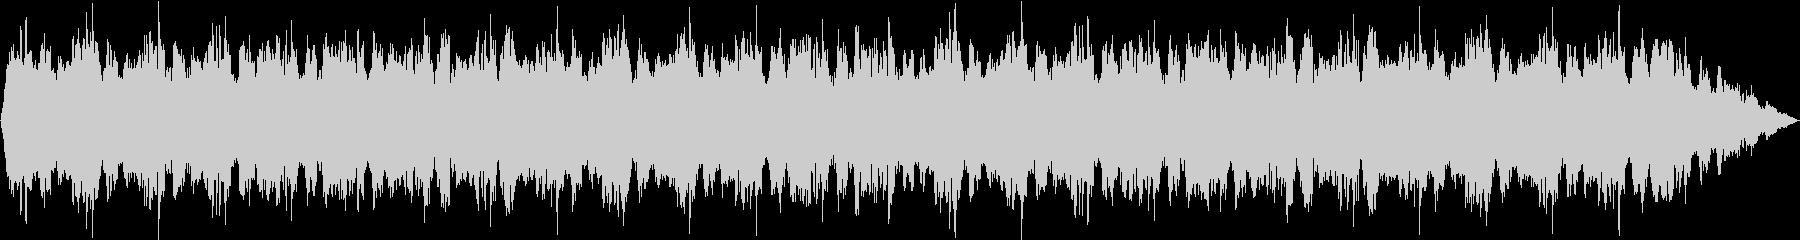 魔法詠唱、魔法発動、独白 08の未再生の波形